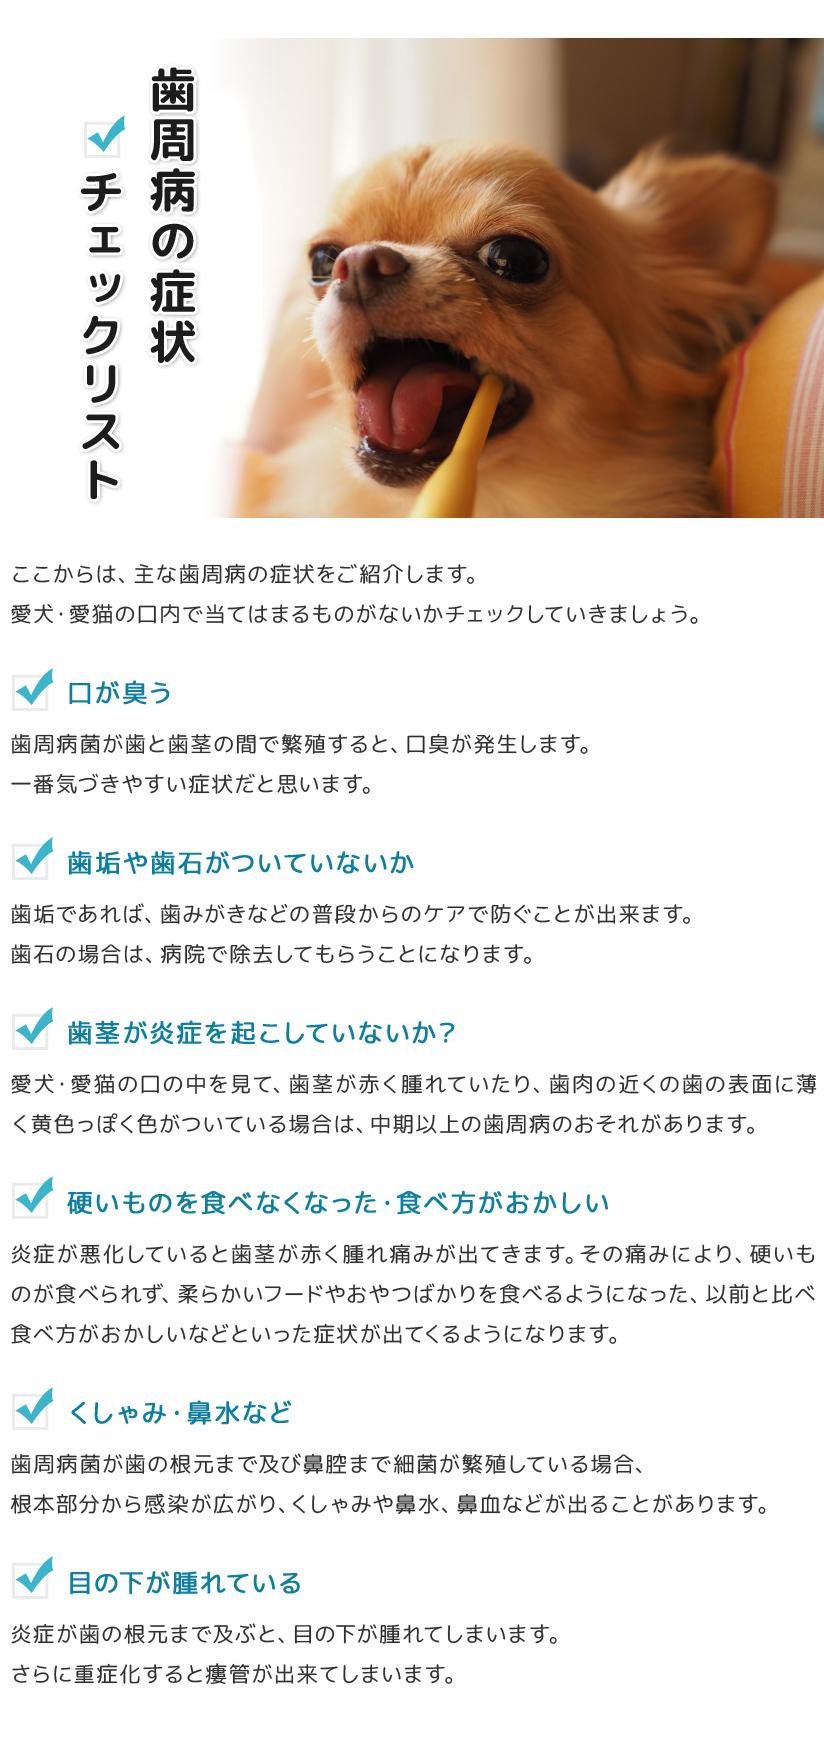 歯周病の症状チェックリスト